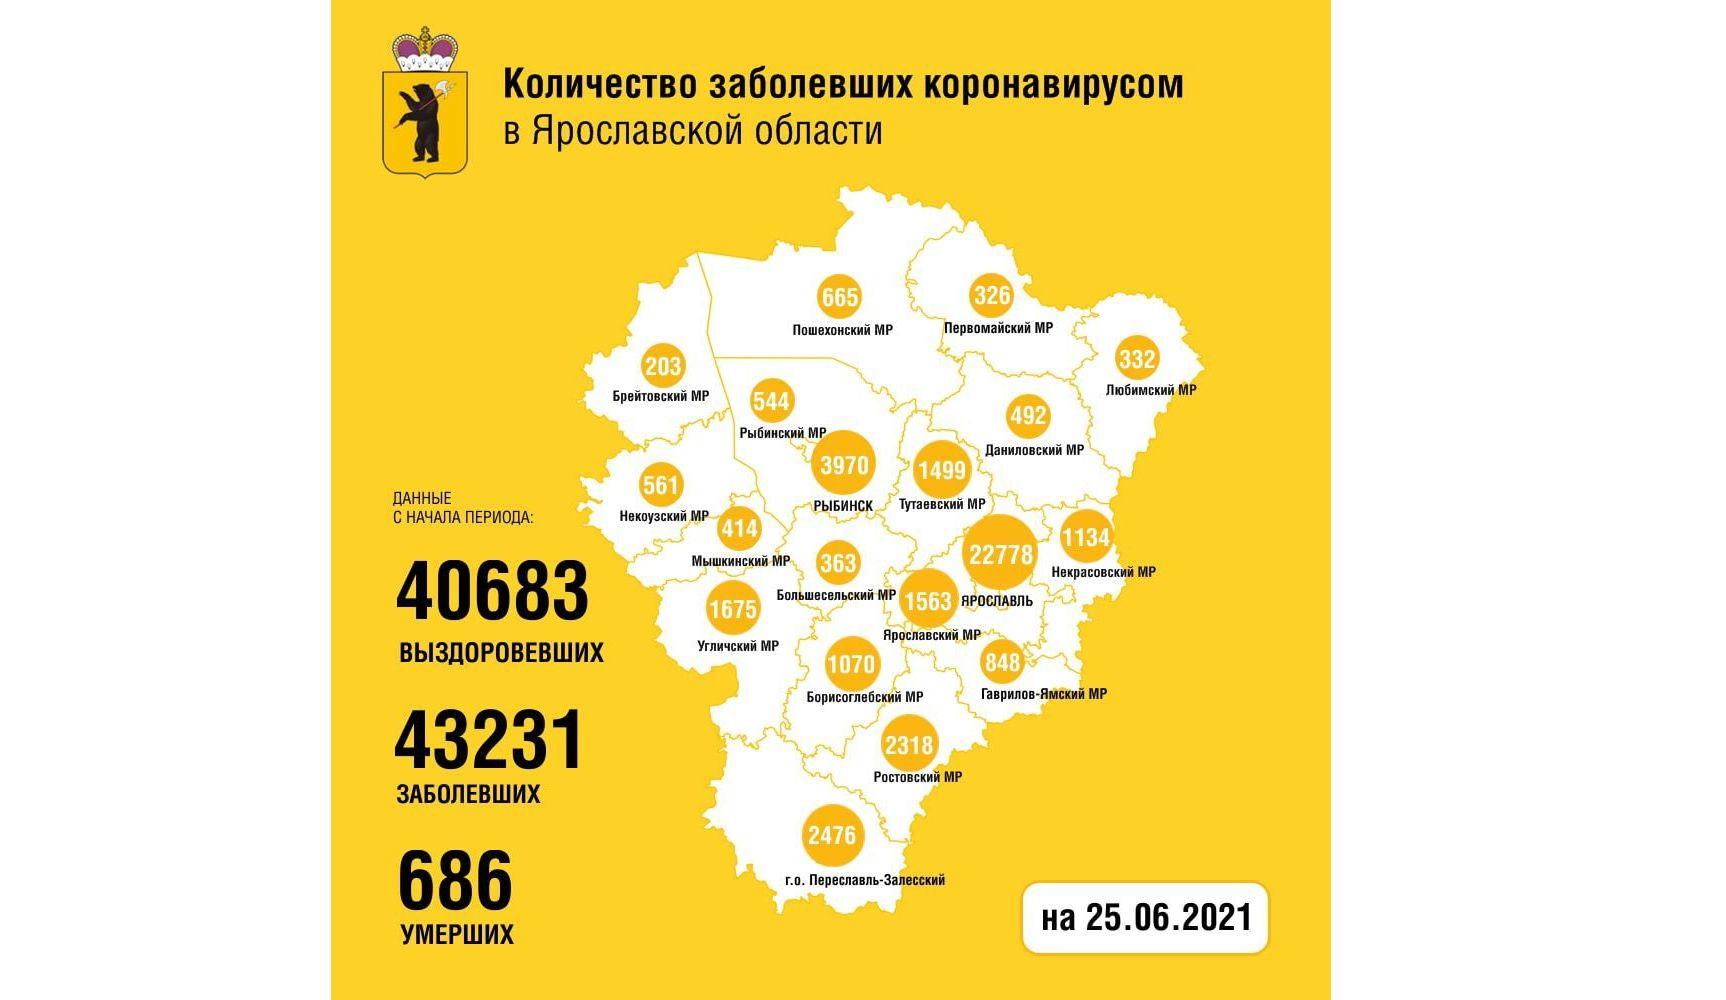 В Ярославской области за сутки 118 человек заболели коронавирусом, трое скончались